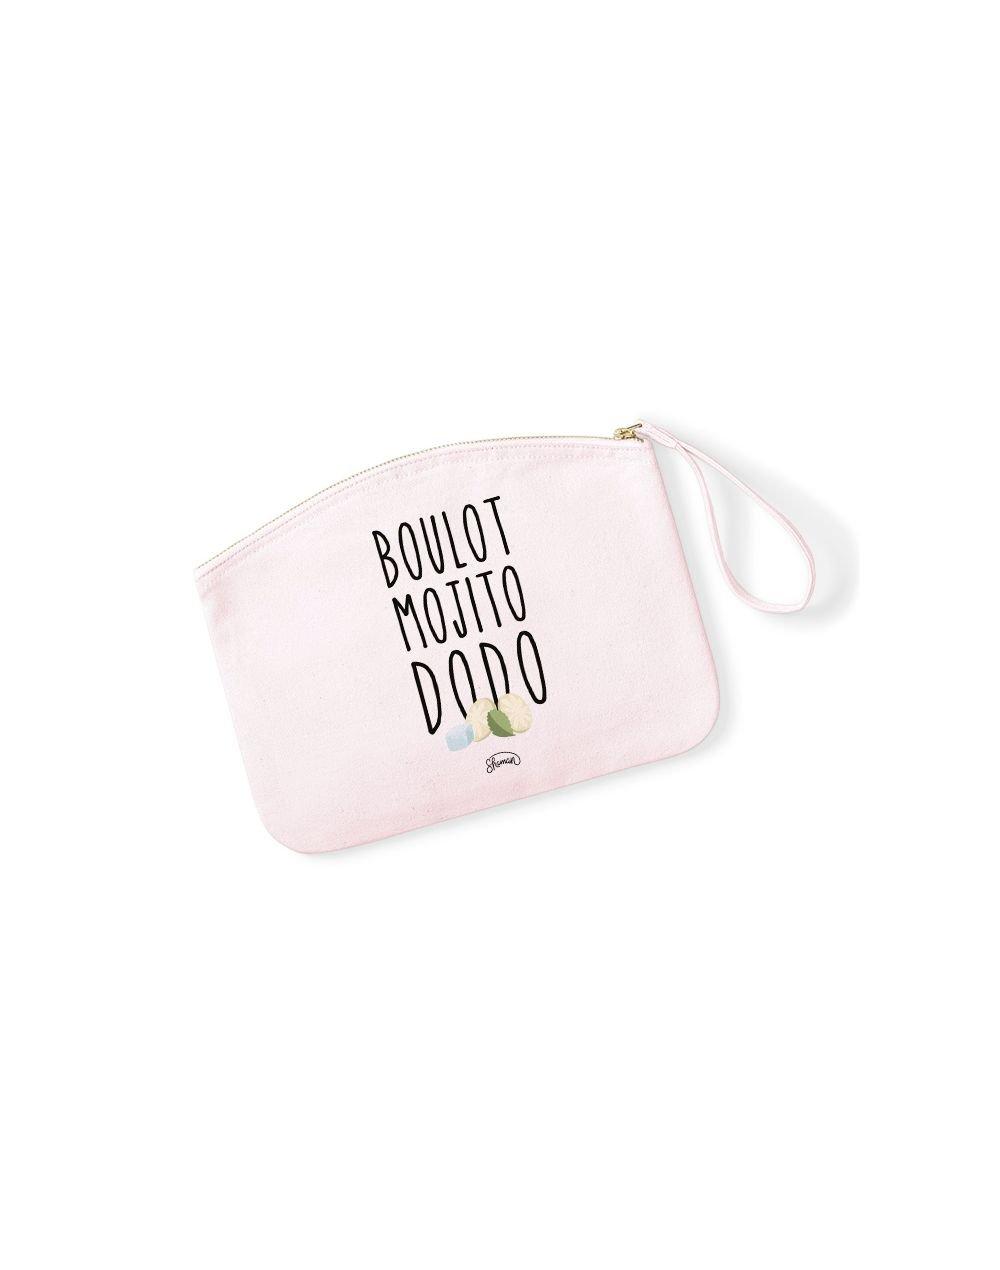 BOULOT MOJITO DODO - Pochette Rose Pastel en coton